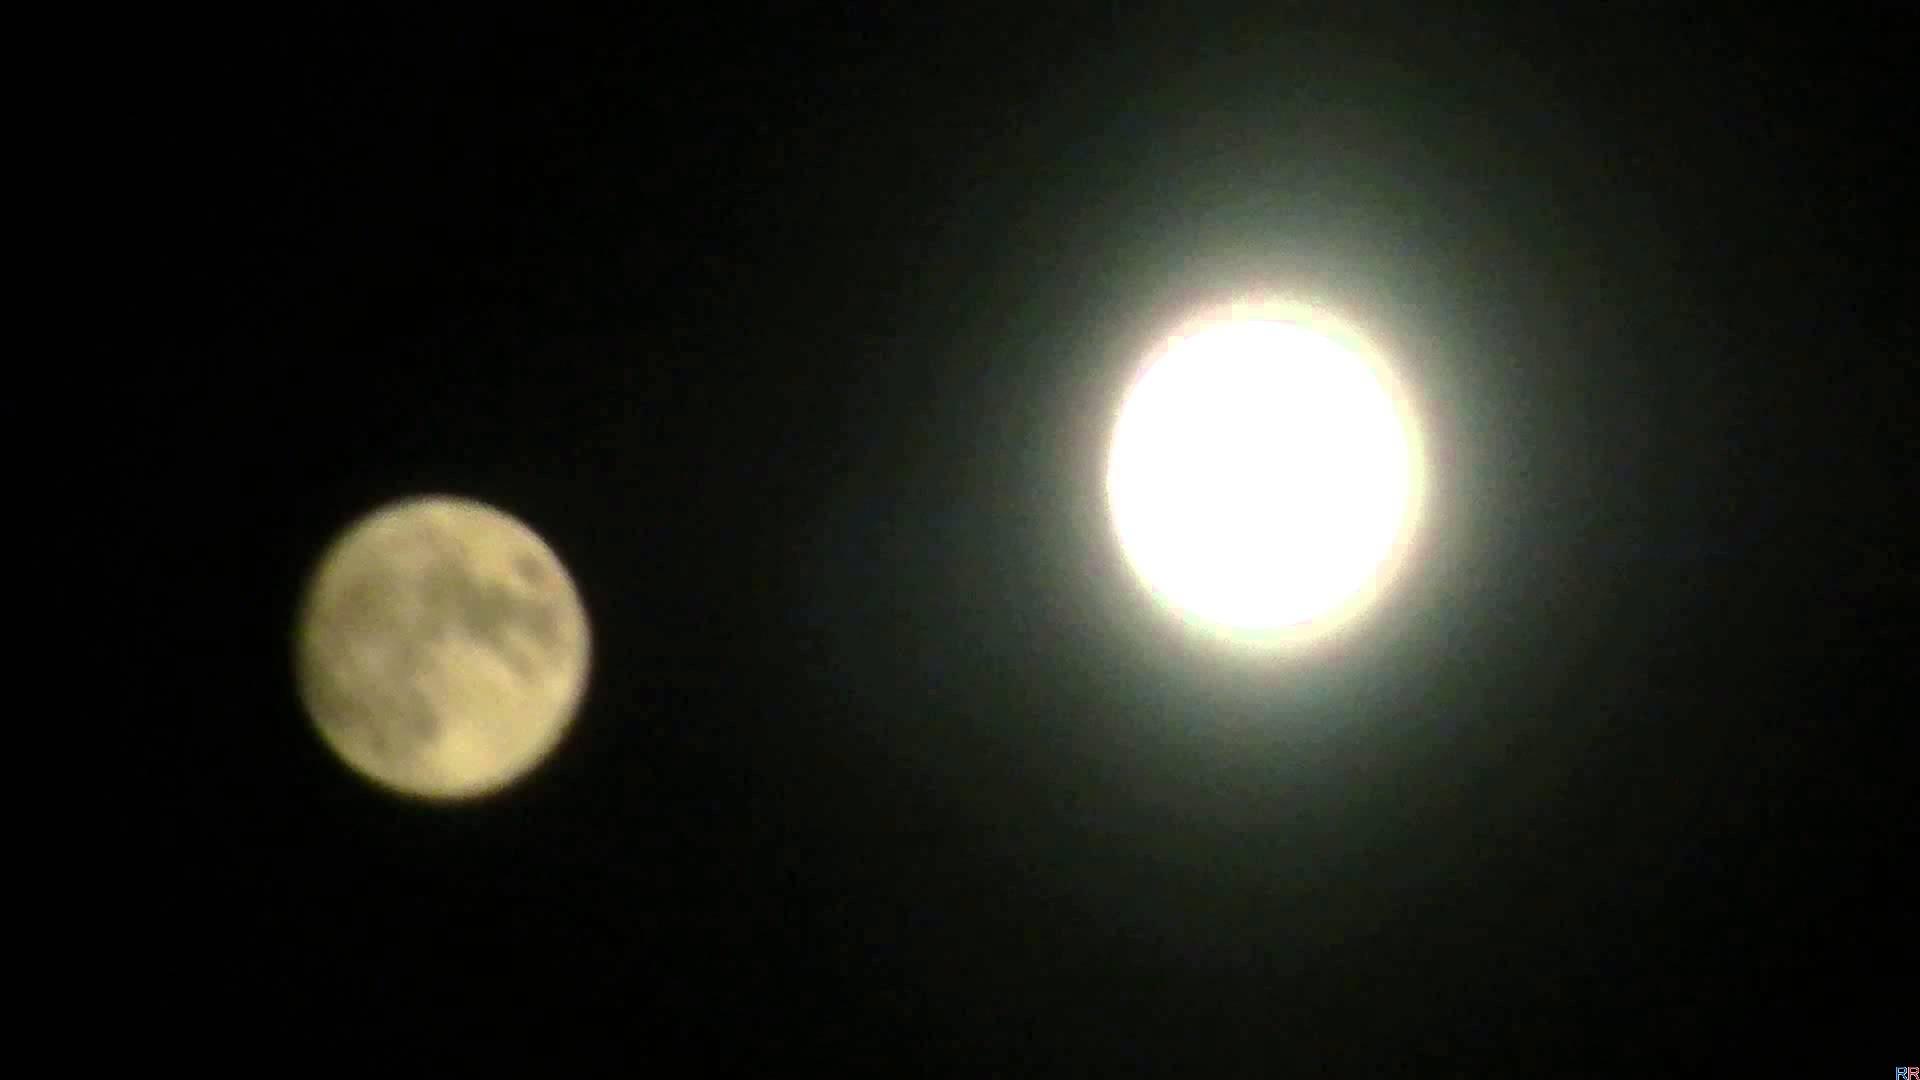 когда будет видно две луны в 2018 году